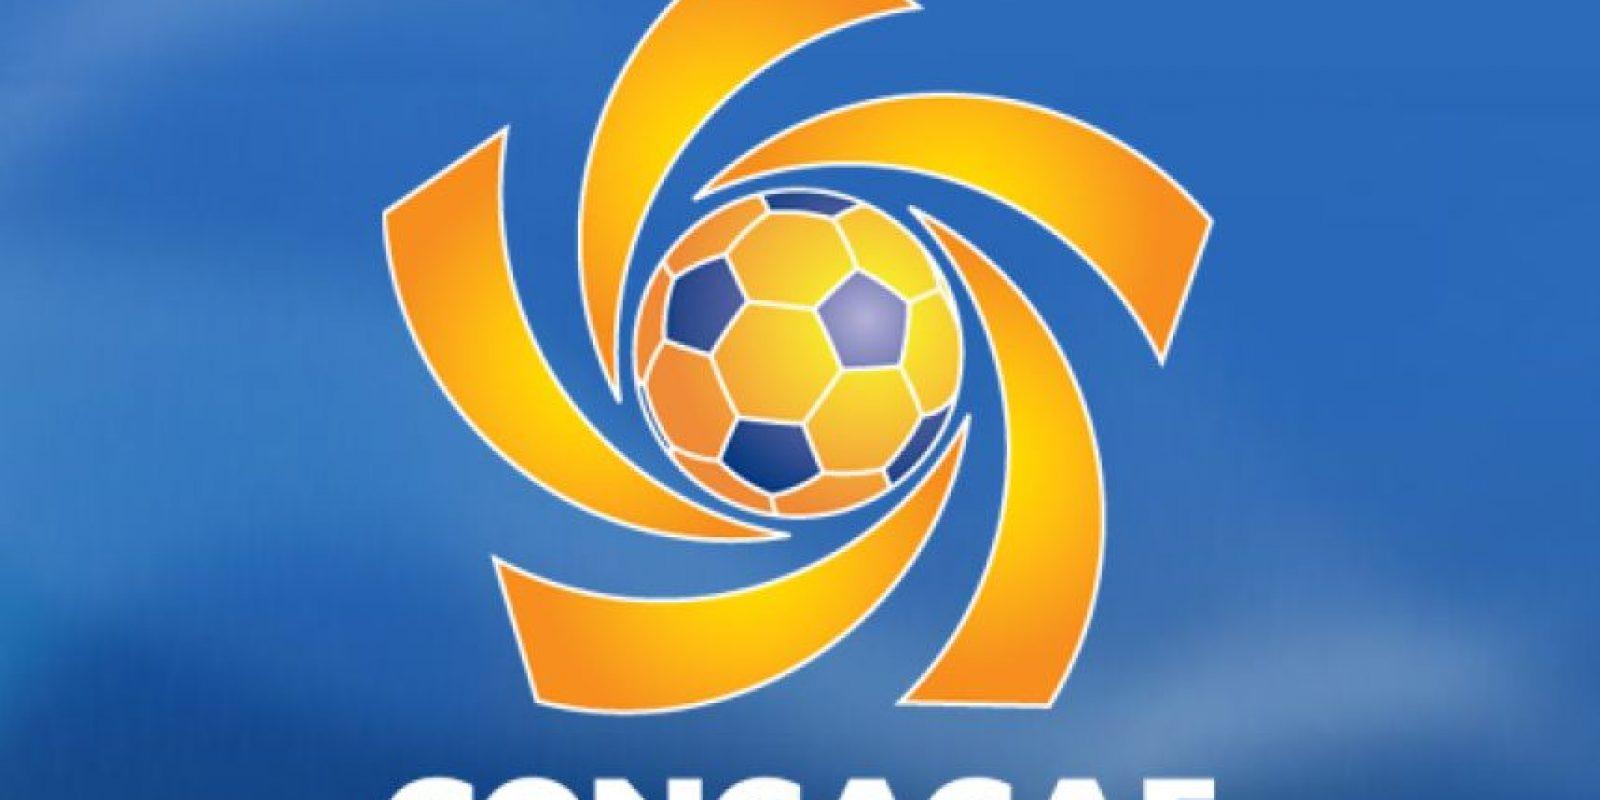 Importancia de este torneo regional. Este torneo, que cuenta con cuatro grupos que reúnen a 14 equipos de ocho países de la región, estará desarrollando su cuarta llave en el país del 2 al 6 de marzo del presente año. Según el formato, los ganadores de sus respectivos grupos pasarán a semifinales, que se se desarrollarán en Trinidad y Tobago a finales de abril. De allí, los dos finalistas y el ganador del tercer lugar obtendrán un boleto para participar en la Liga de Campeones de la CONCACAF 2016/17, que comienza en agosto del año en curso. Foto:Fuente Externa